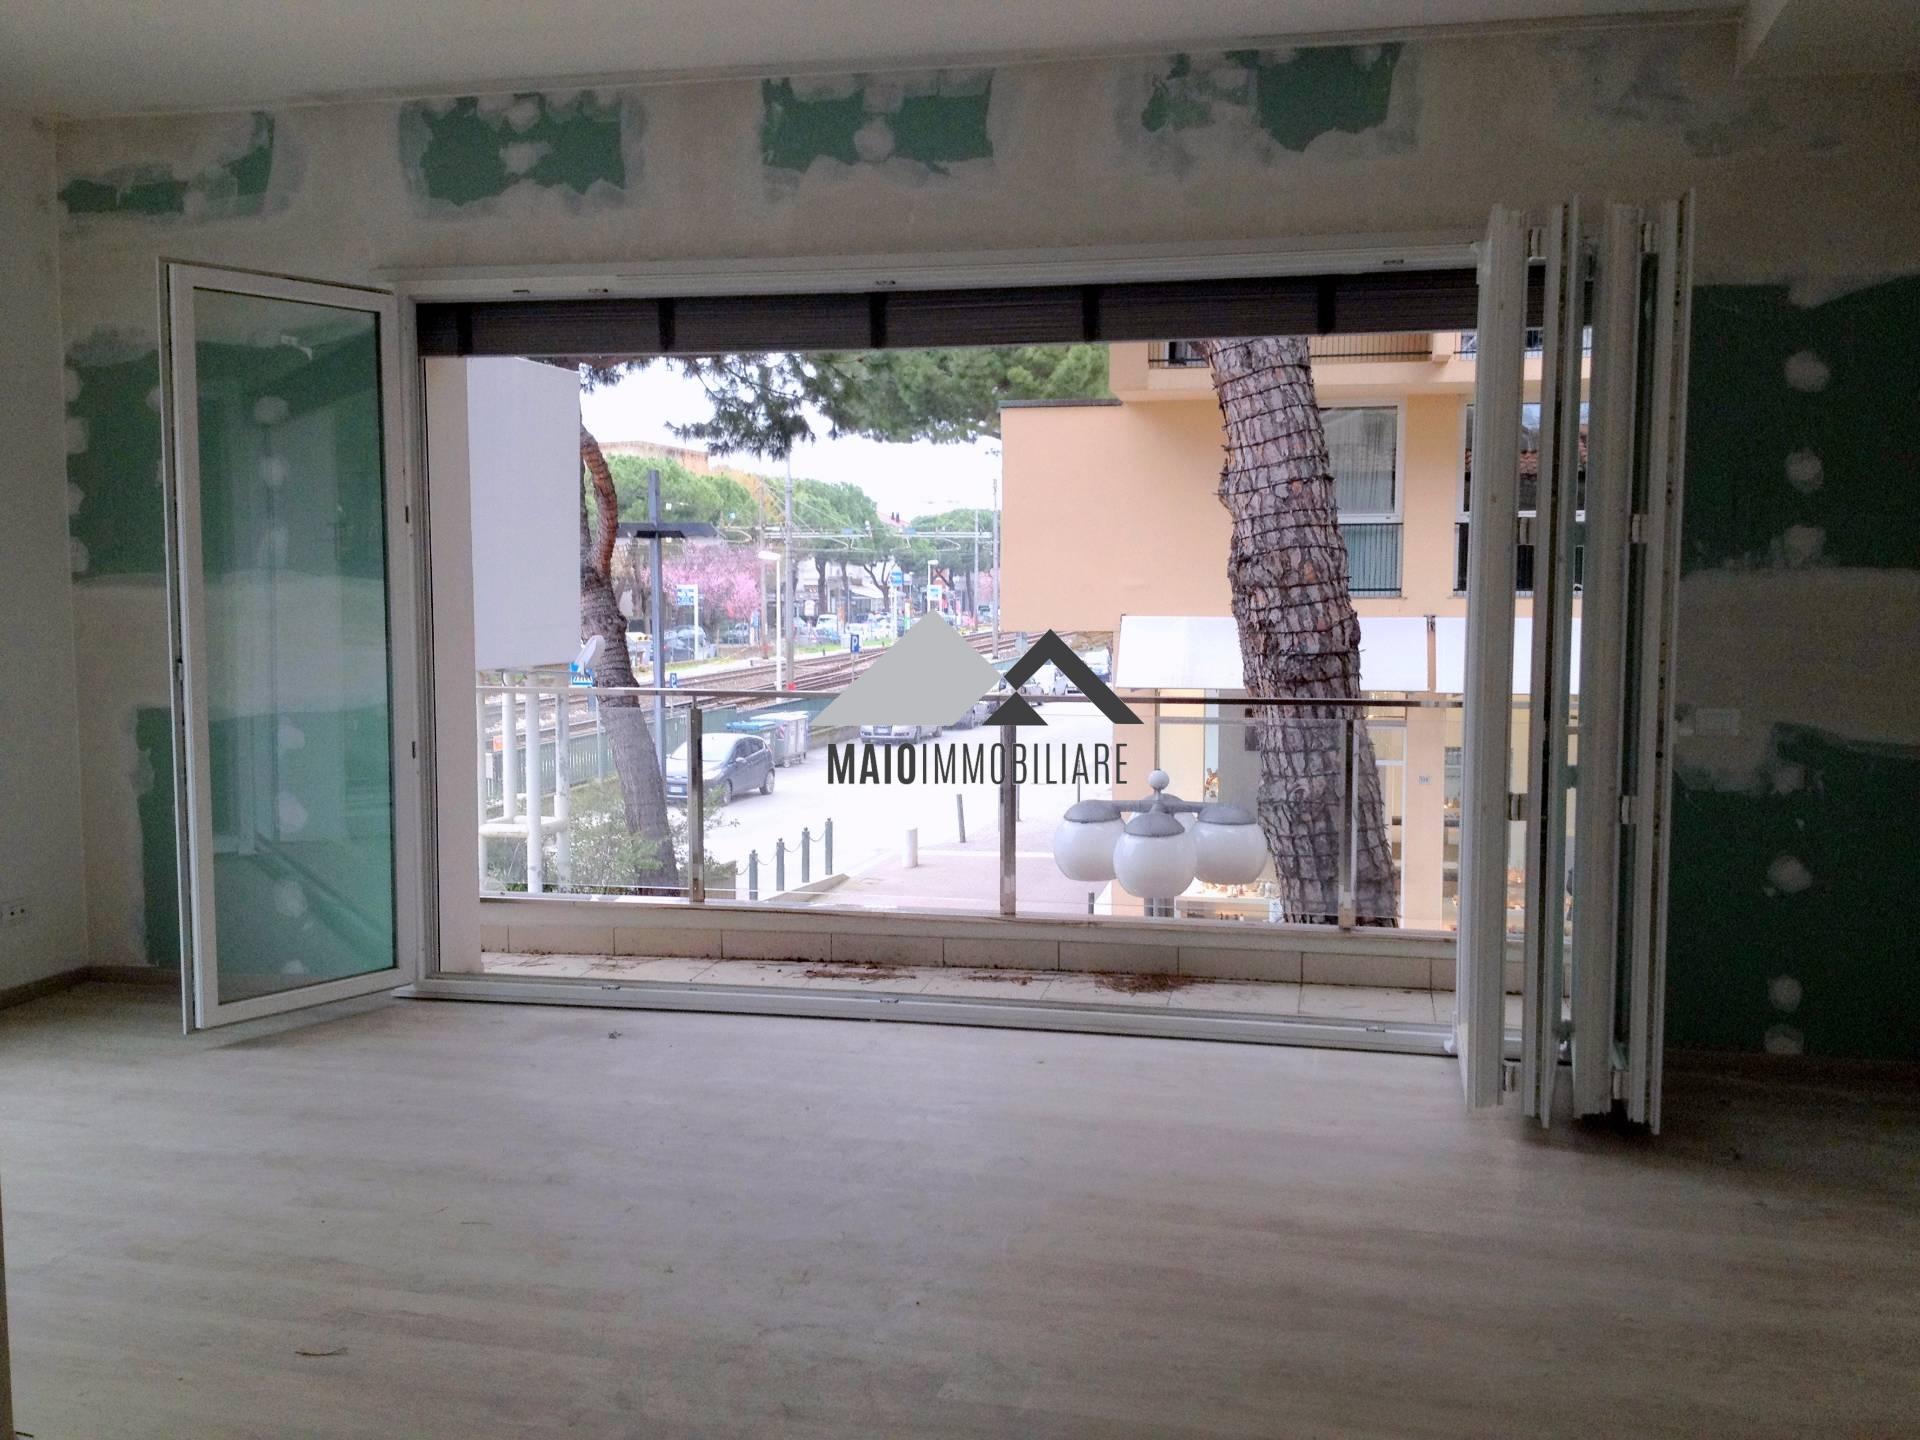 Appartamento in vendita a Riccione, 3 locali, zona Località: CENTRO, prezzo € 399.000 | CambioCasa.it